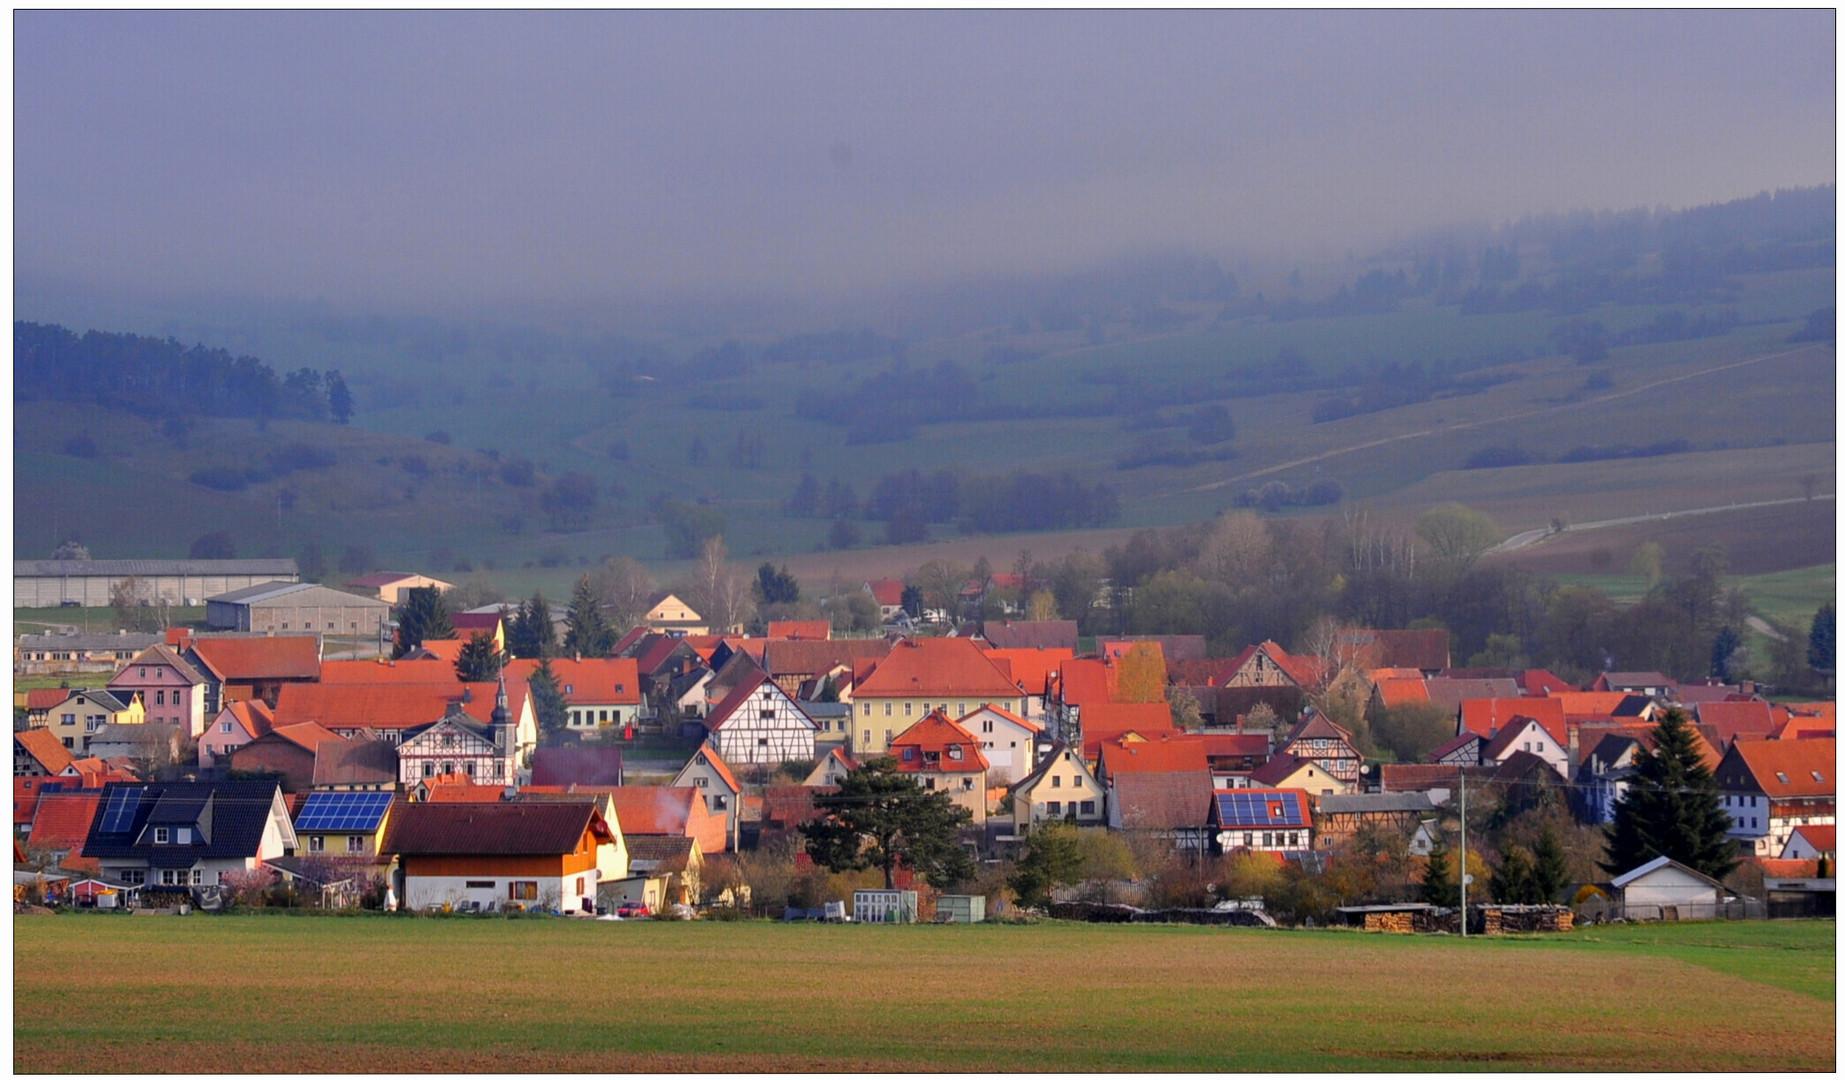 Mi pueblo esta mañana (Mein Dorf heute morgen)